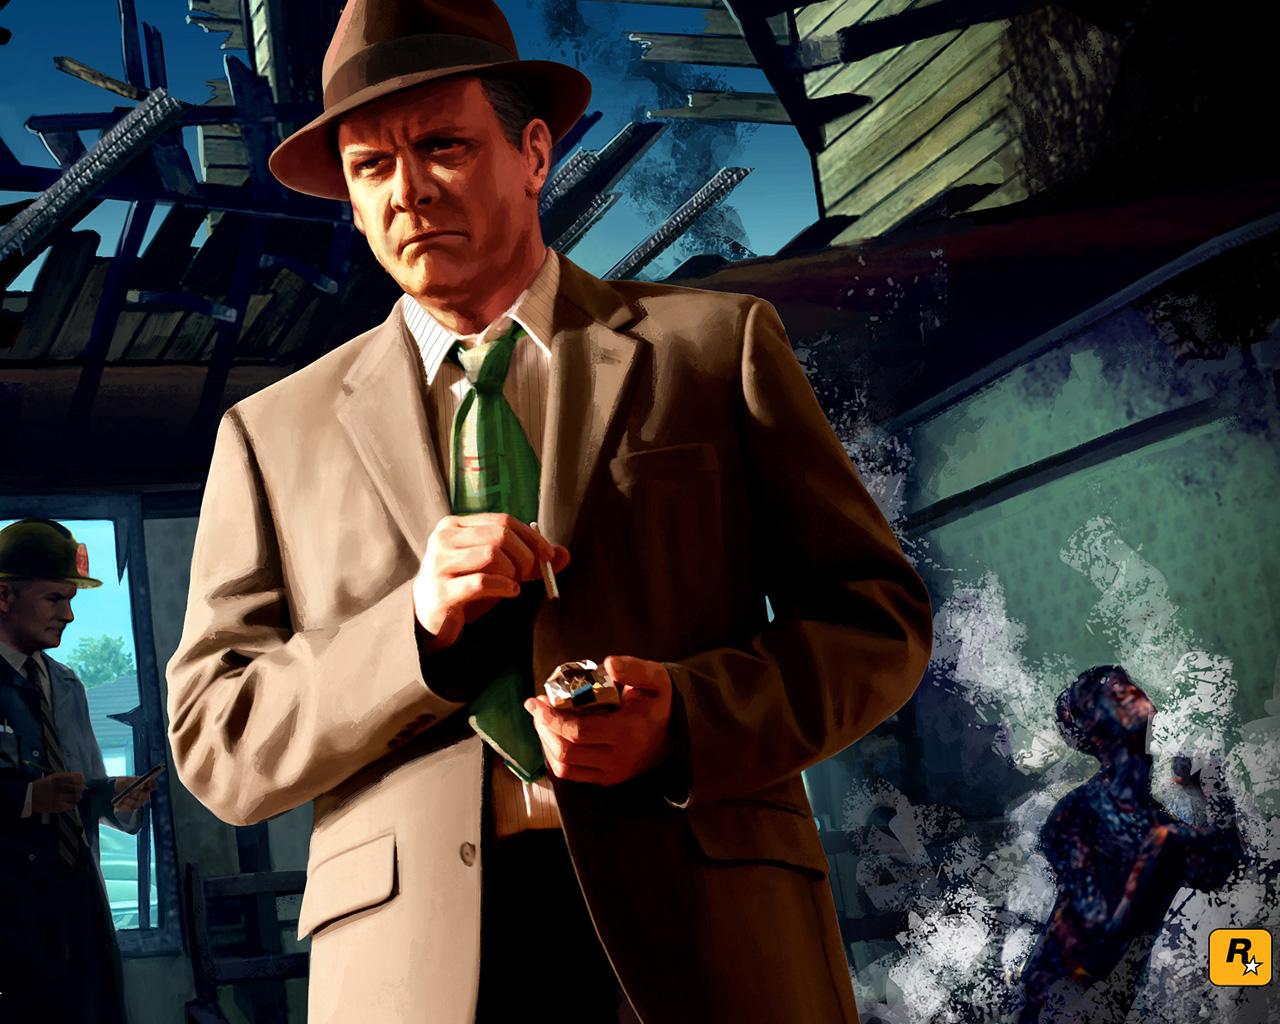 L.A. Noire Wallpaper in 1280x1024